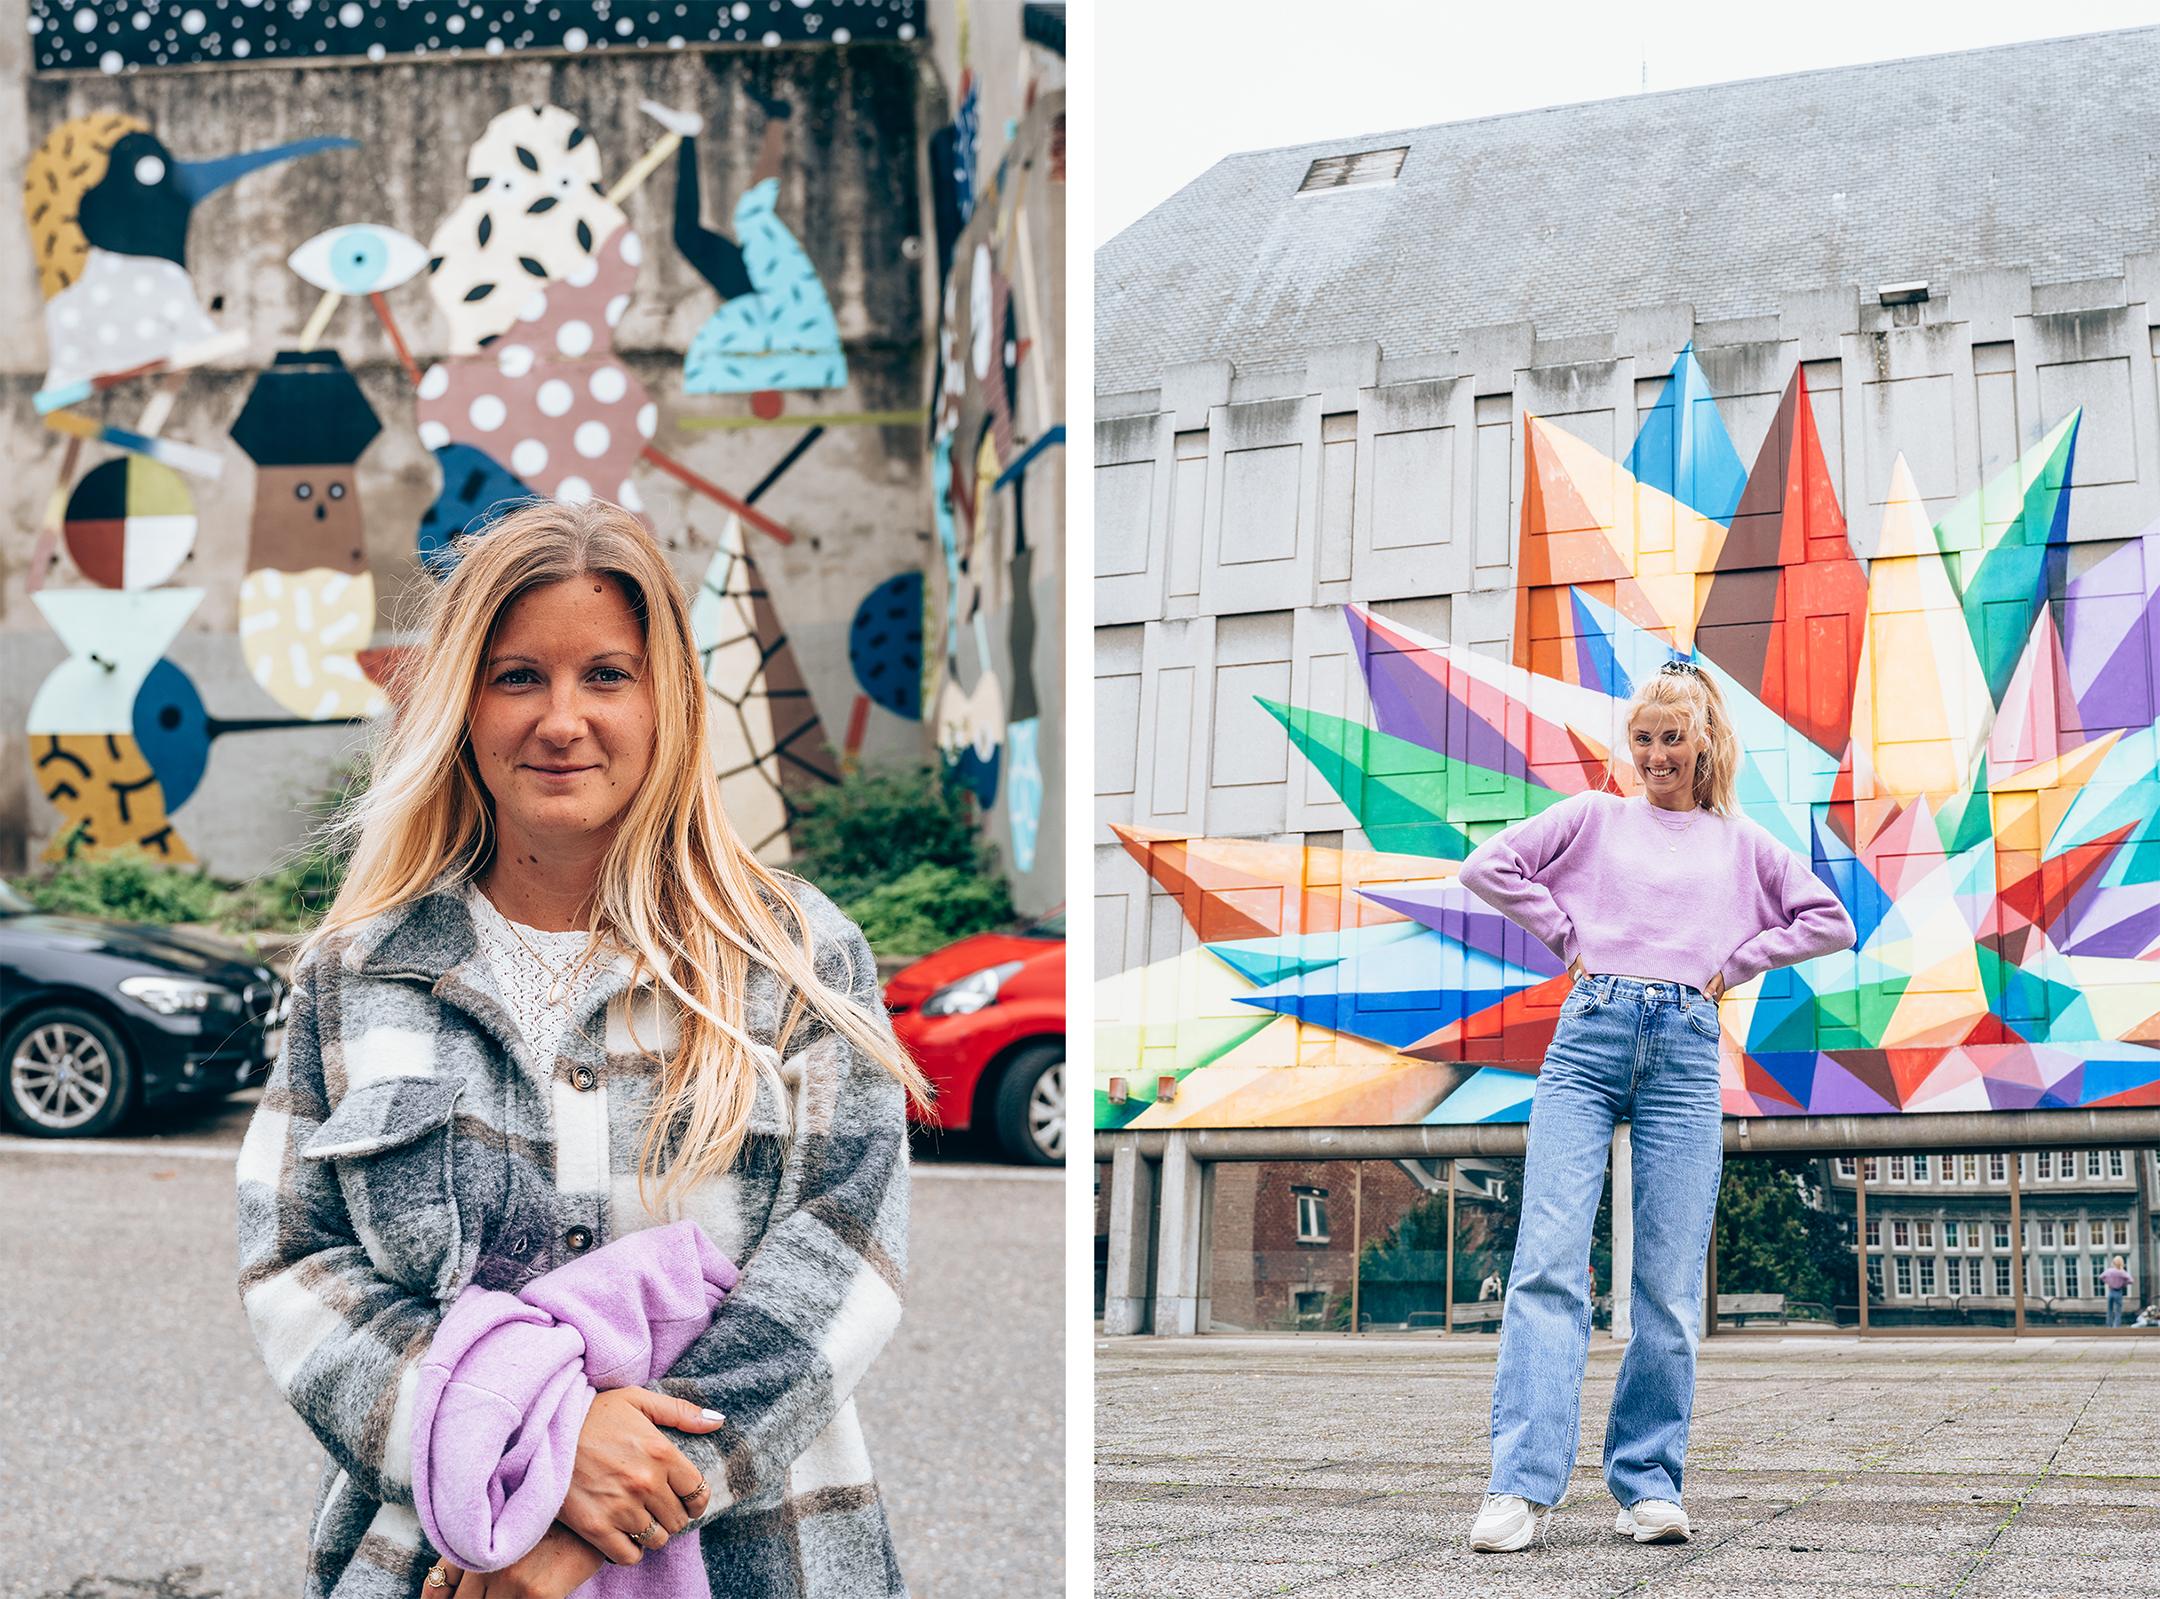 liege street art